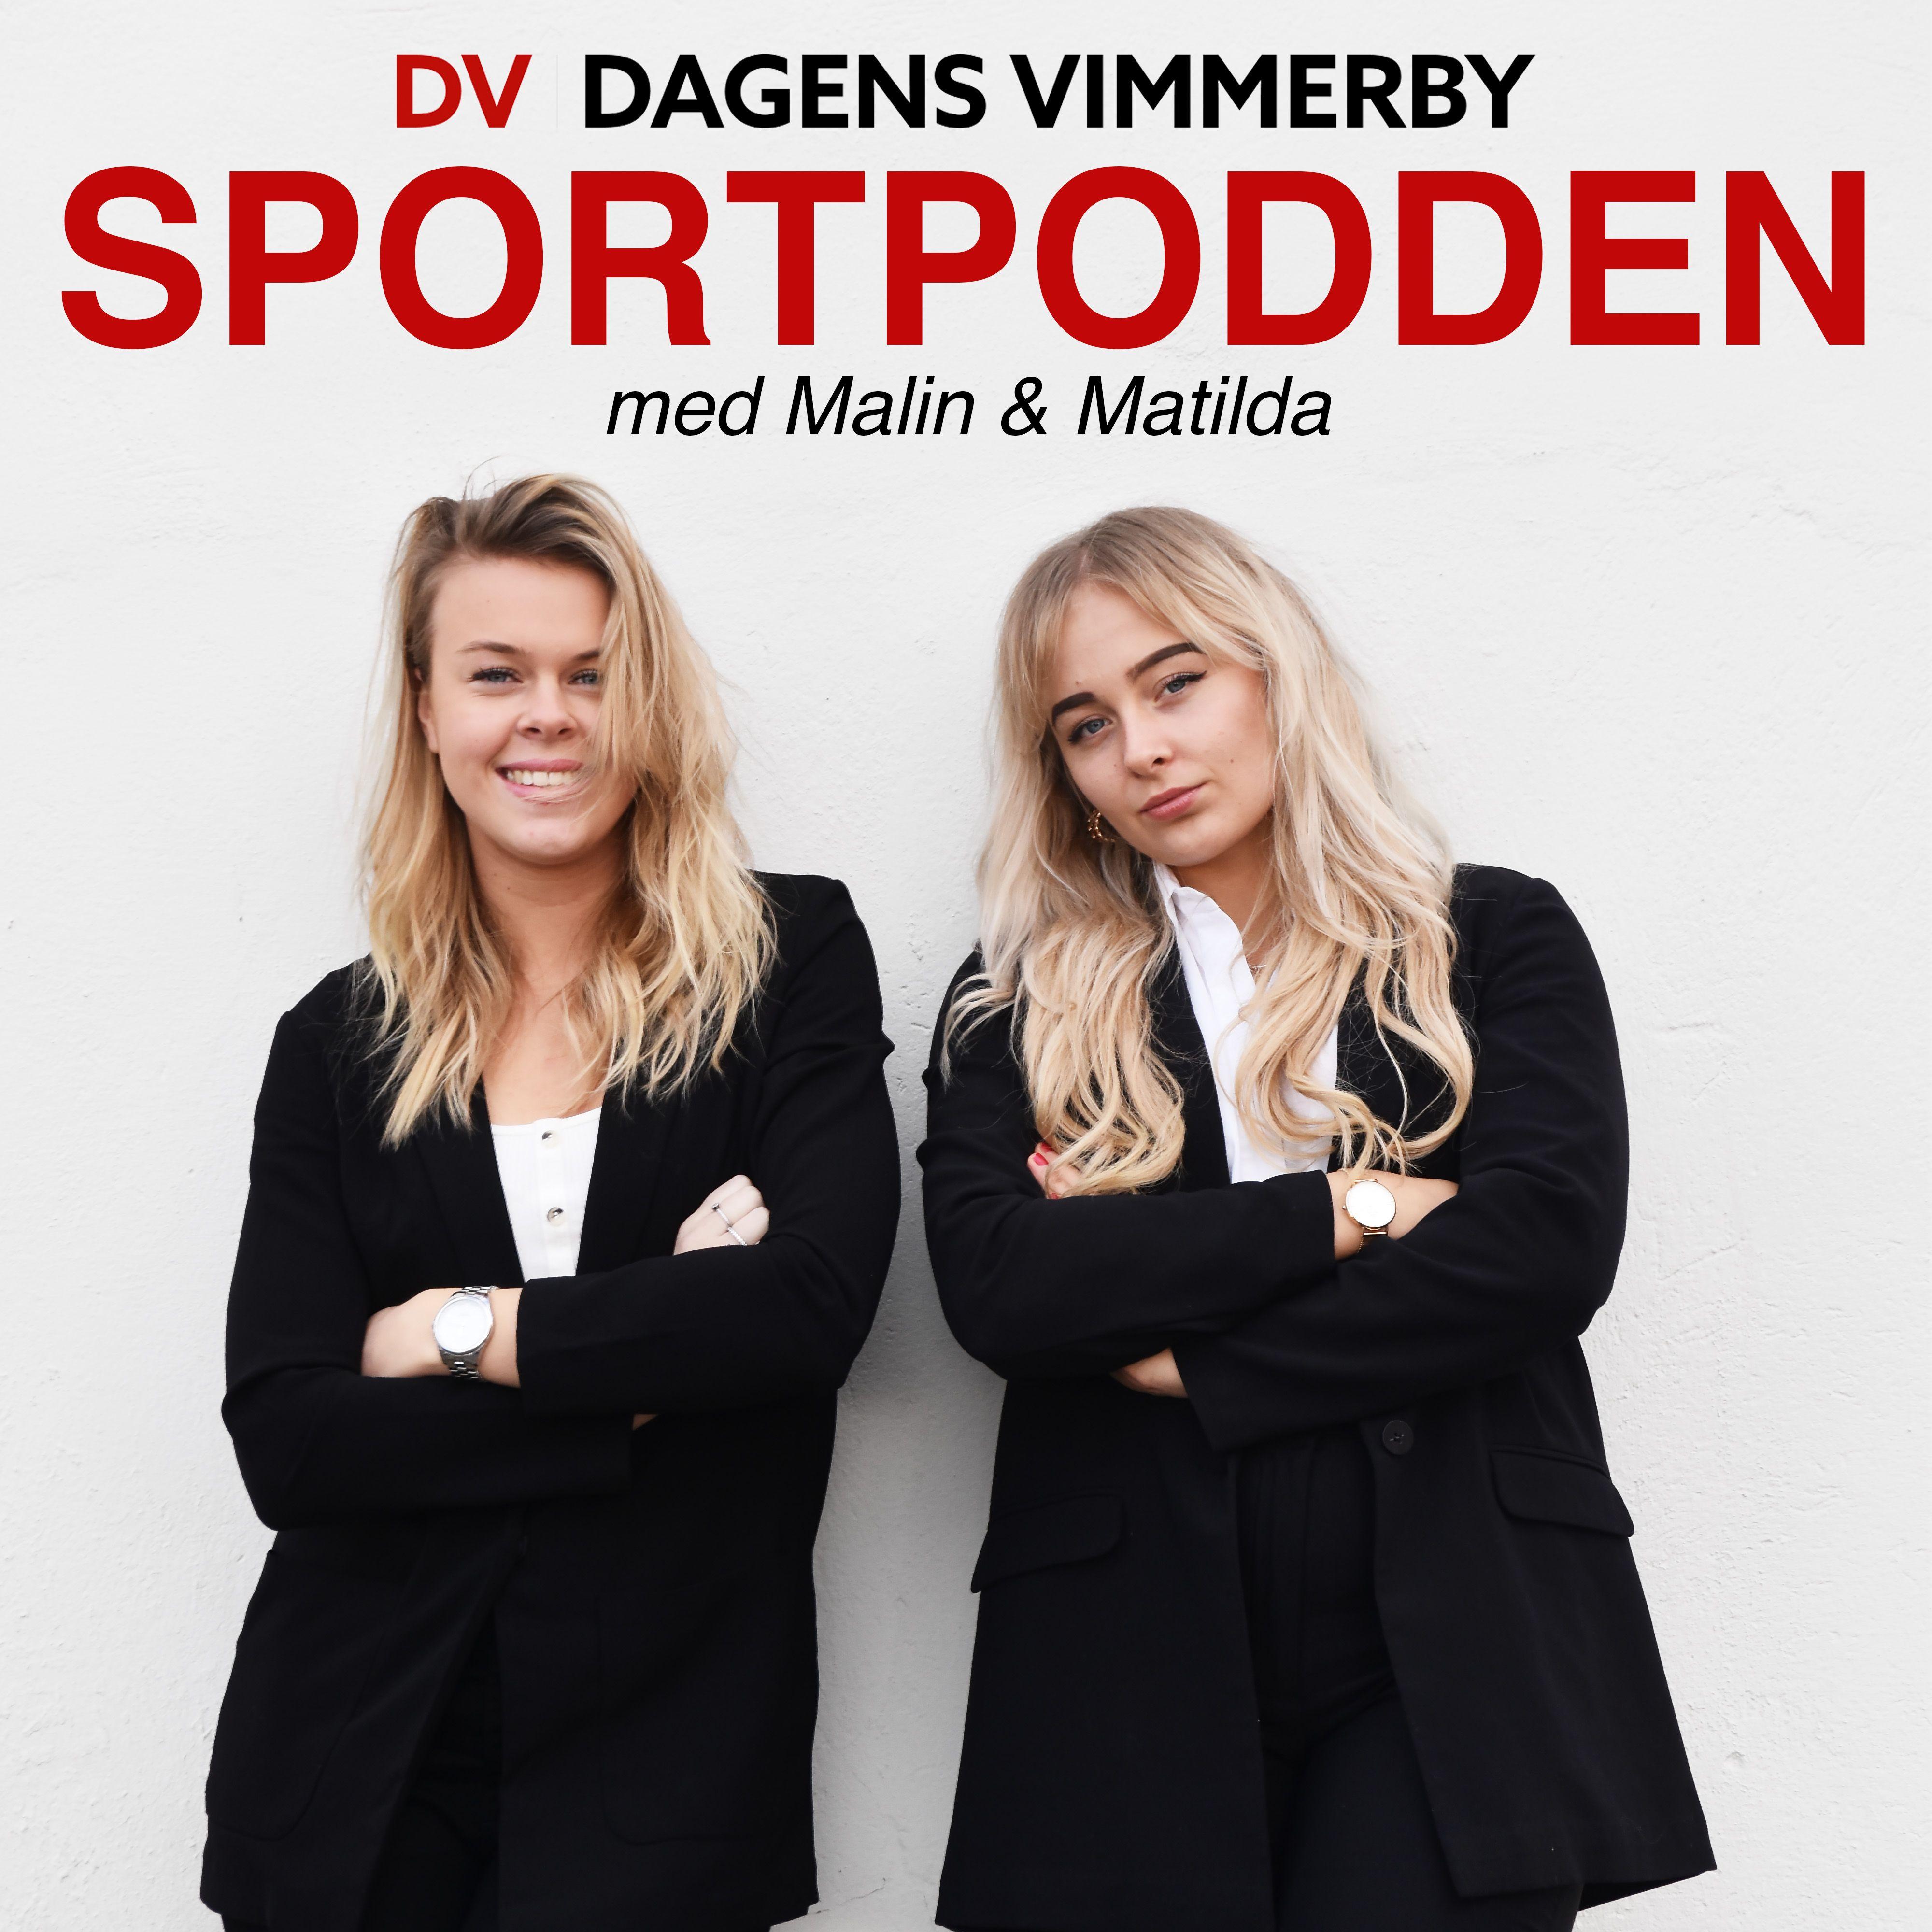 Sportpodden